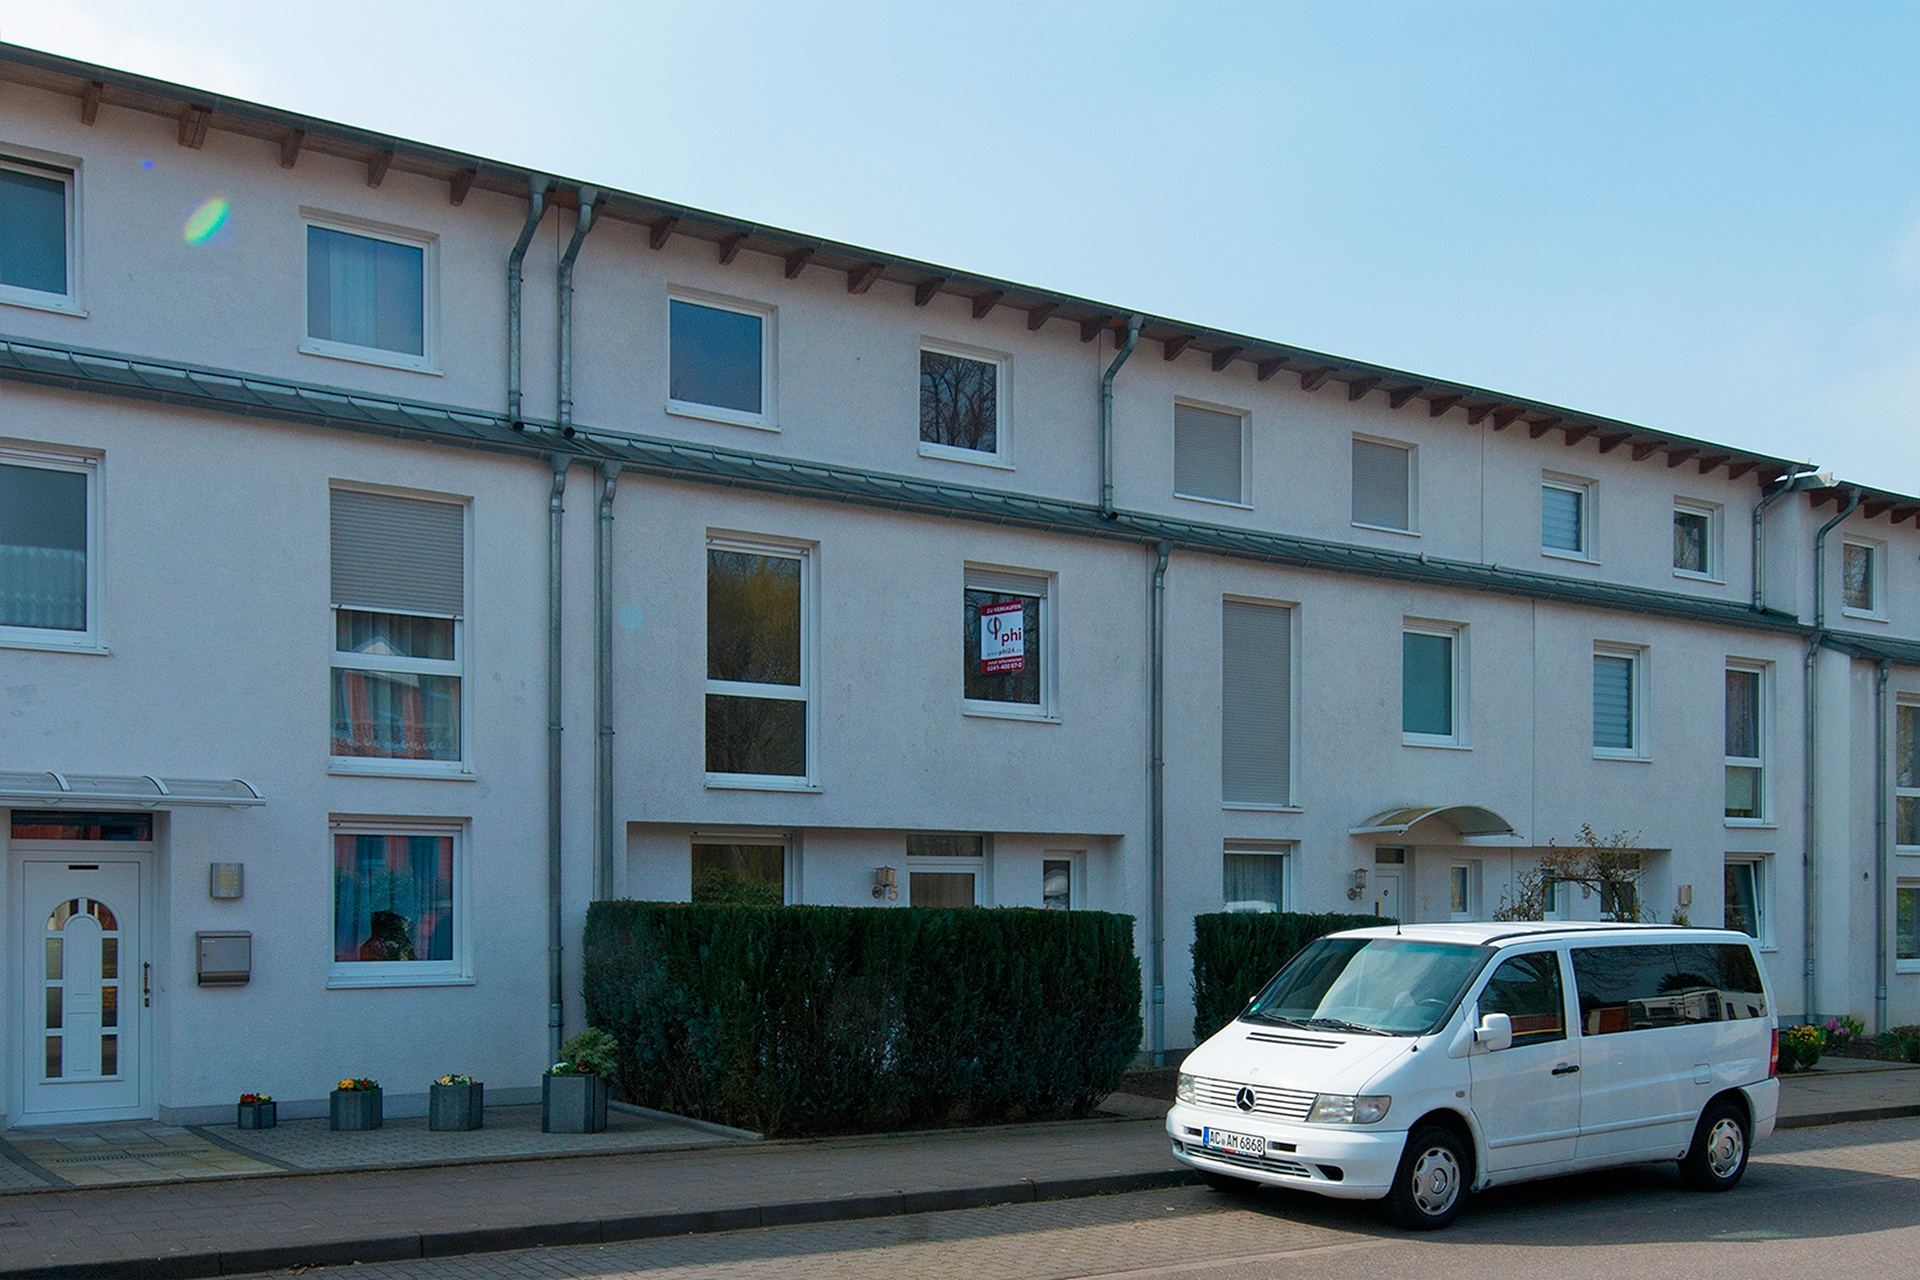 Immobilienmakler Aachen Reihenmittelhaus referenzen mit Immobilienbewertung